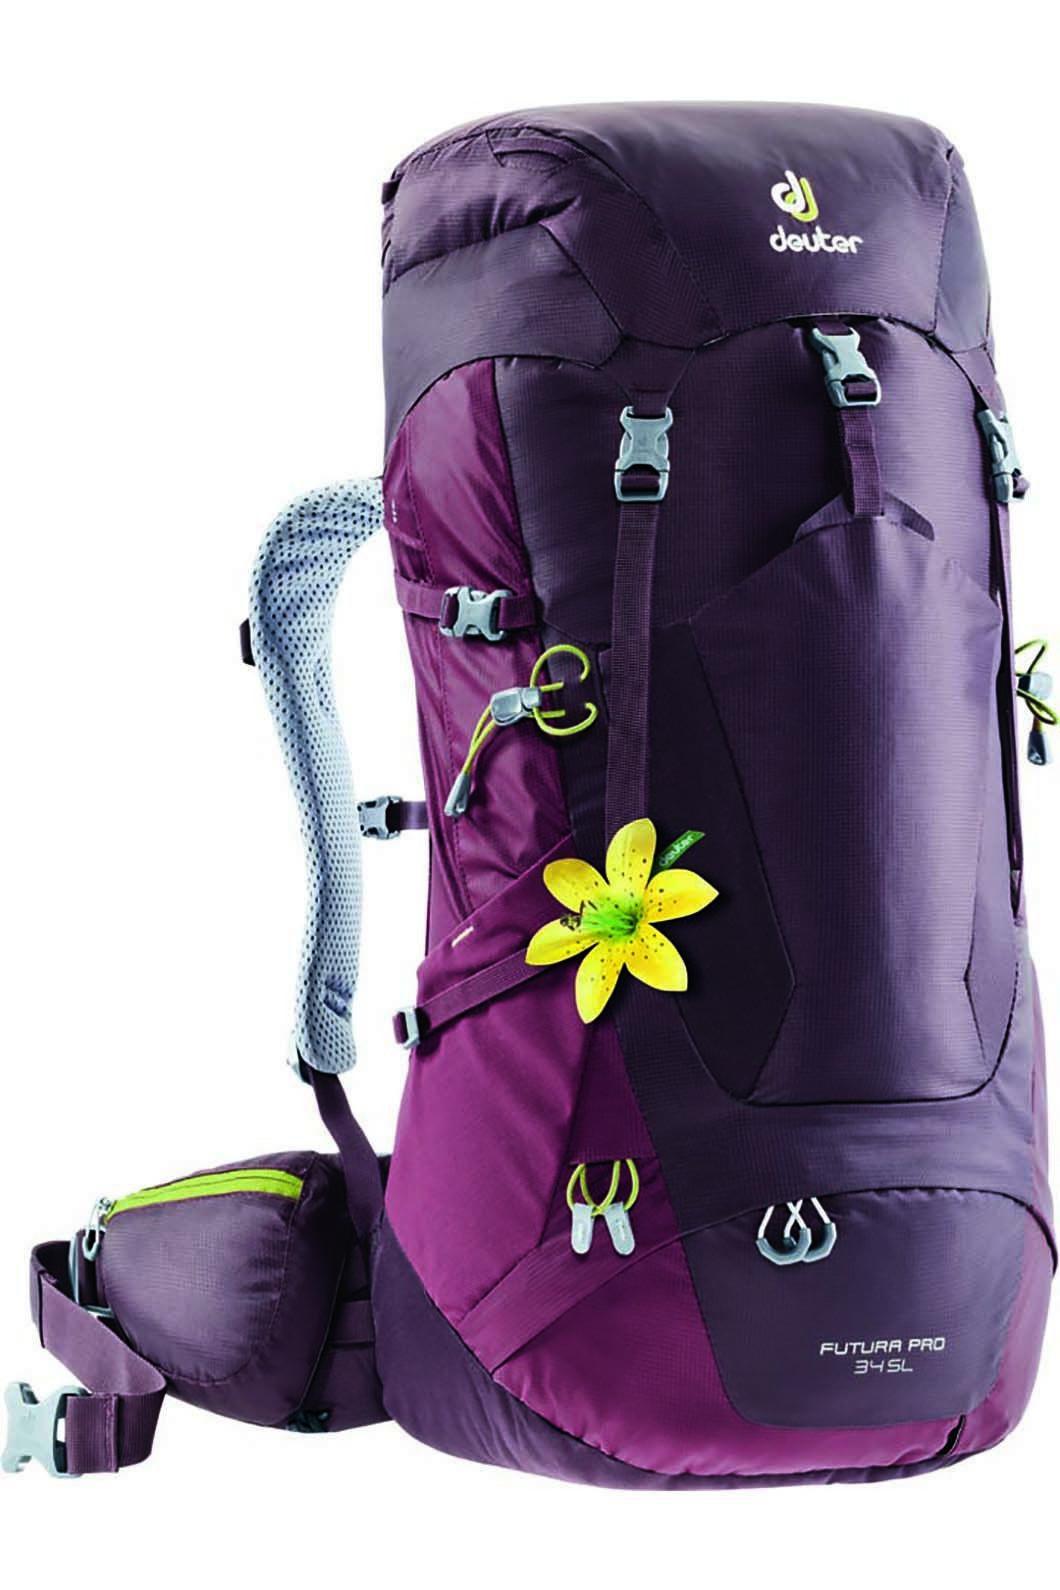 Deuter Futura Pro SL Trekking Pack 34L, None, hi-res